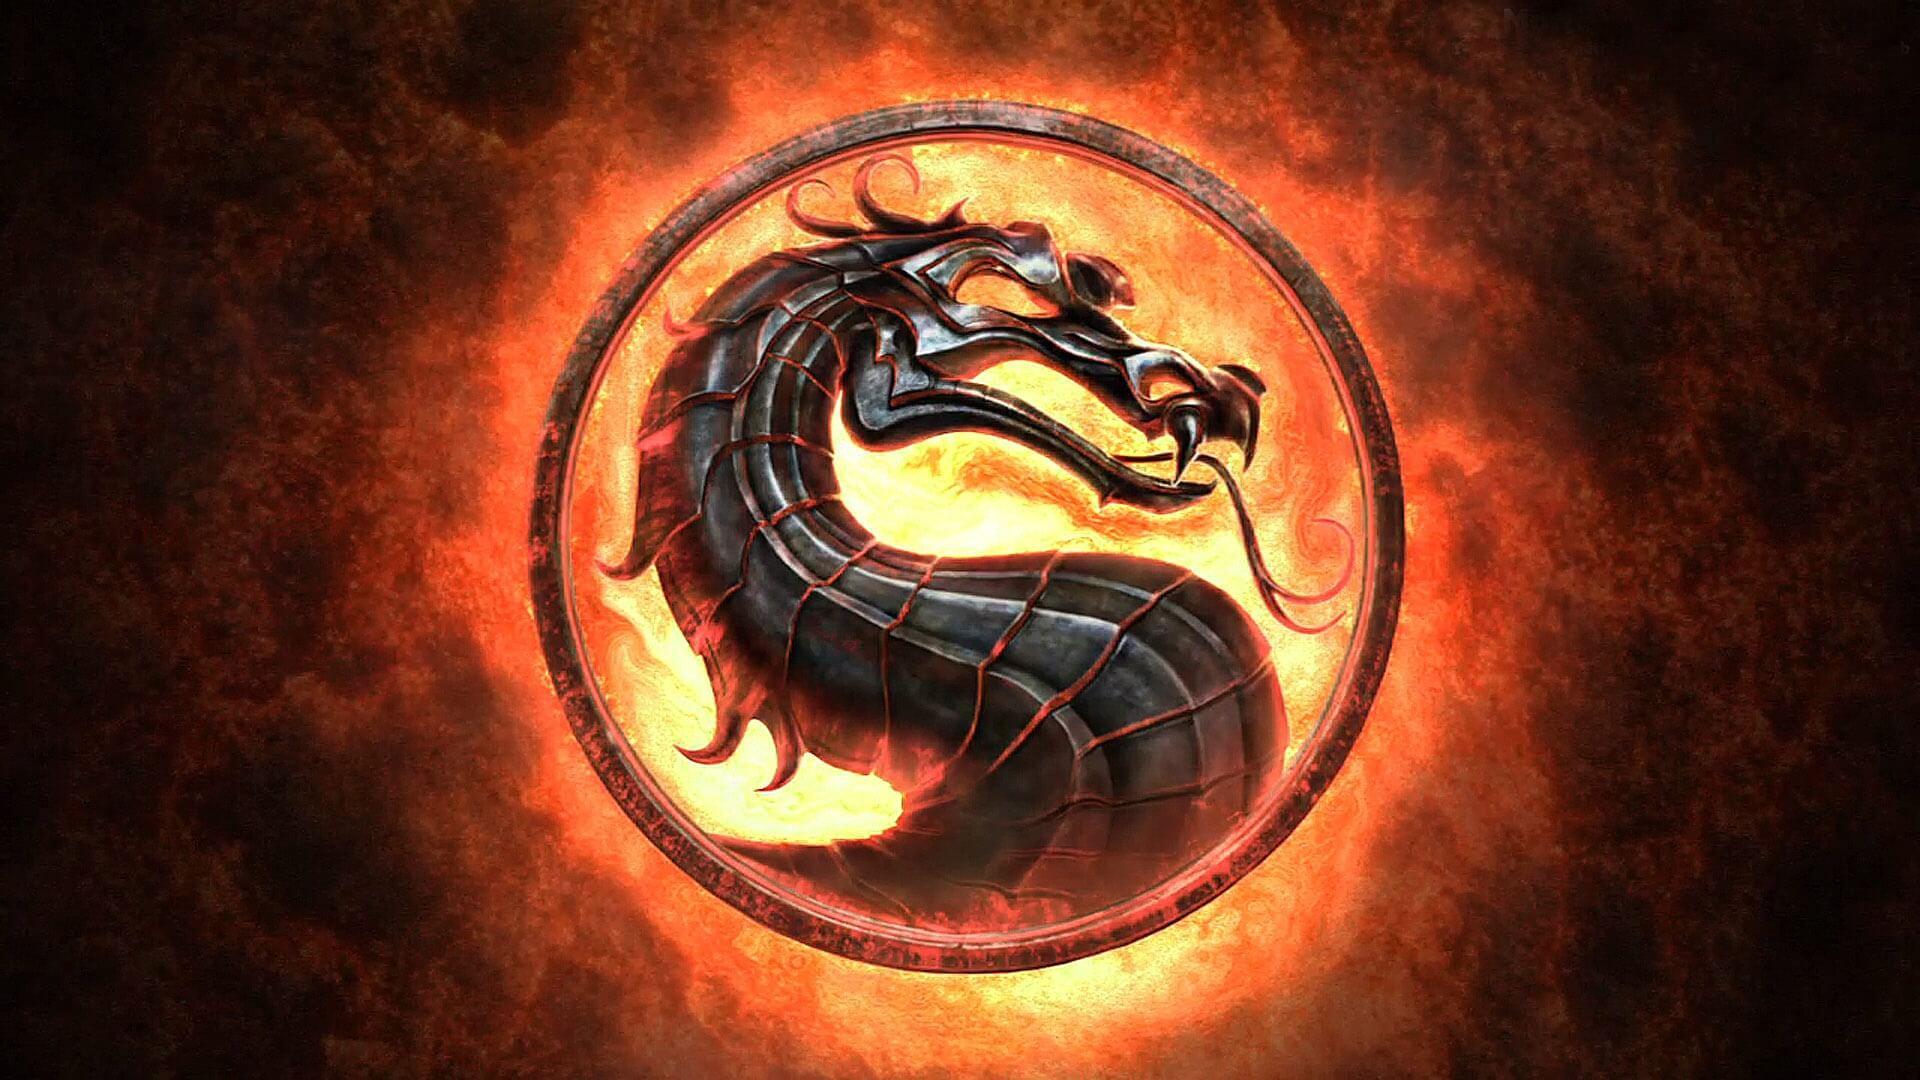 Novo patch para Mortal Kombat Project: Final da Temporada 2, melhor ...